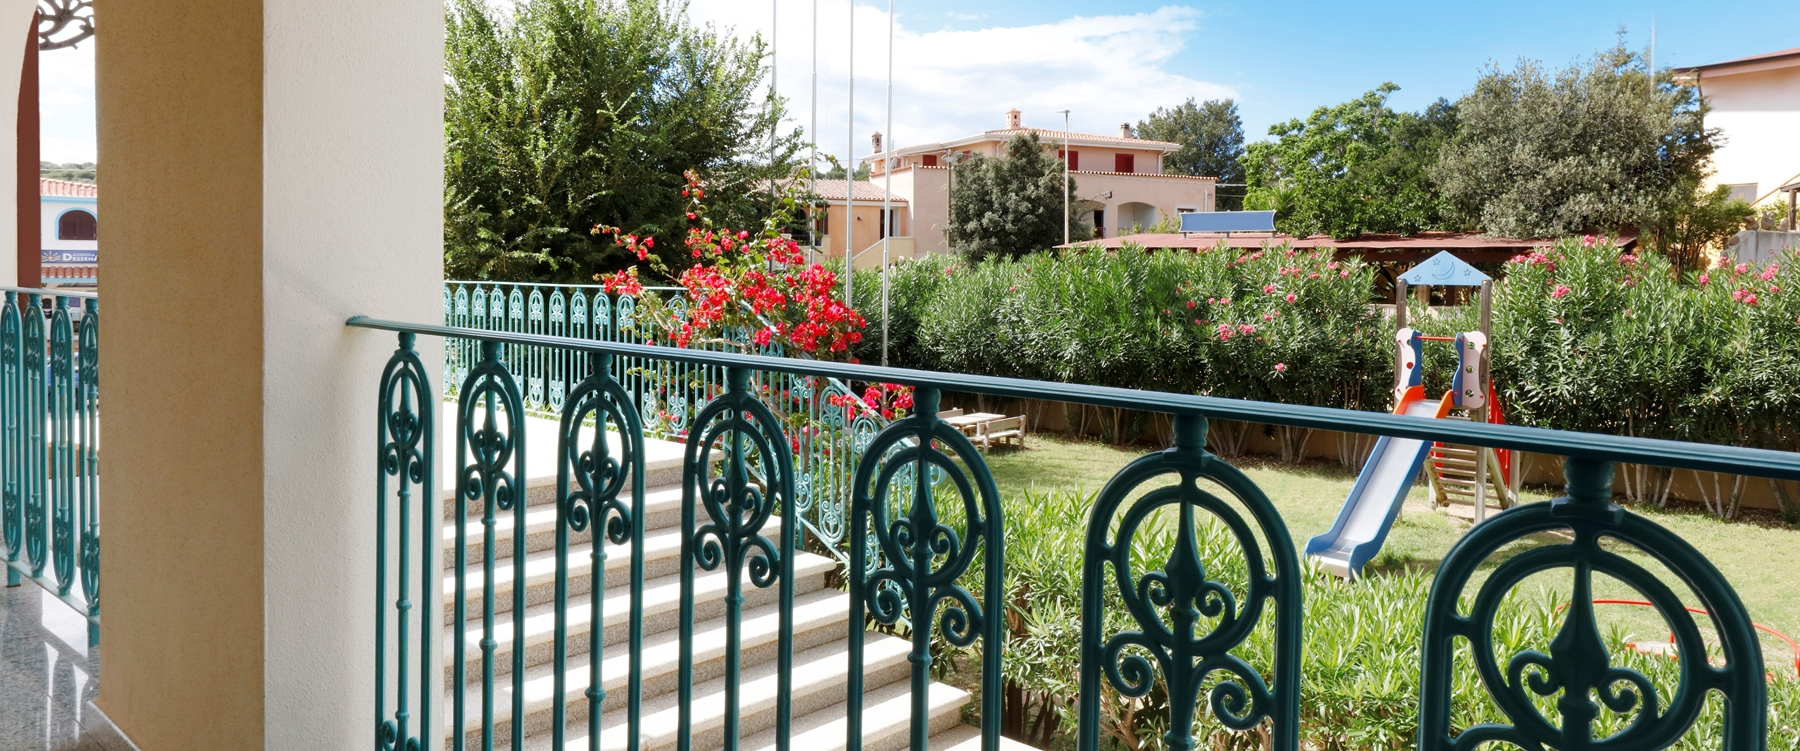 Foto Galerie Hotel  Sardegna - Italia